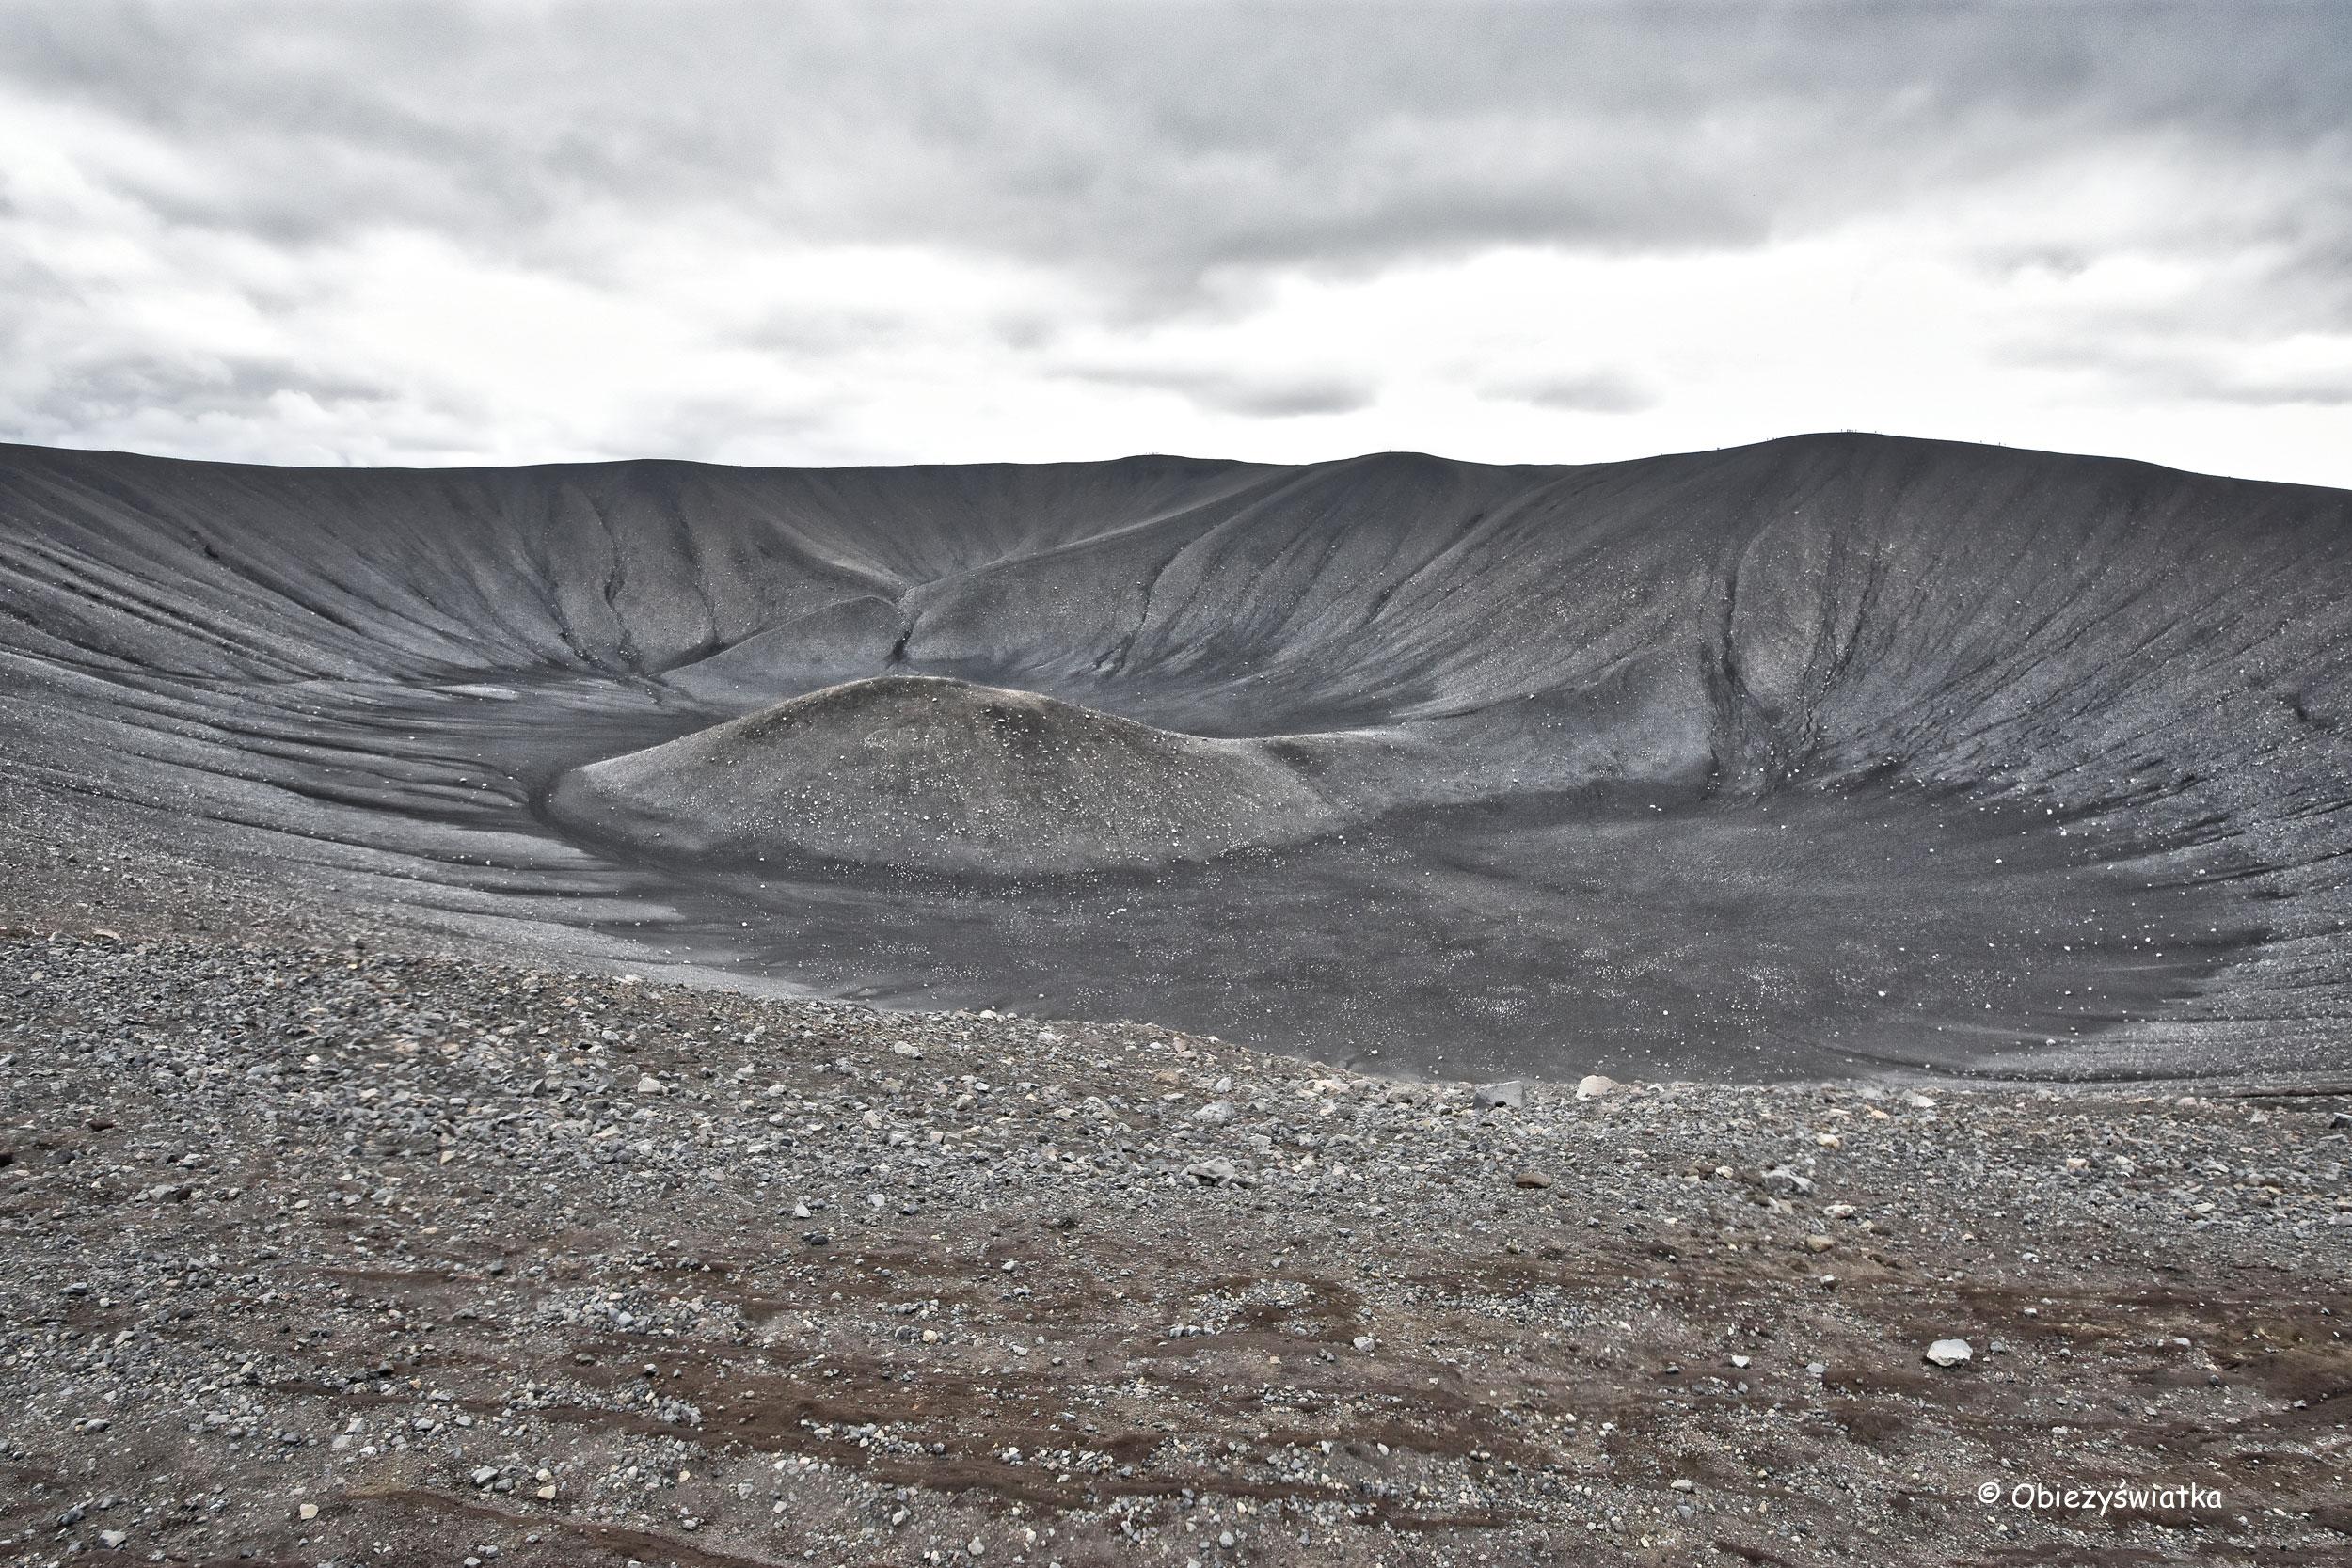 Wulkan Hverfjall - minimalistyczny księżycowy krajobraz, Islandia